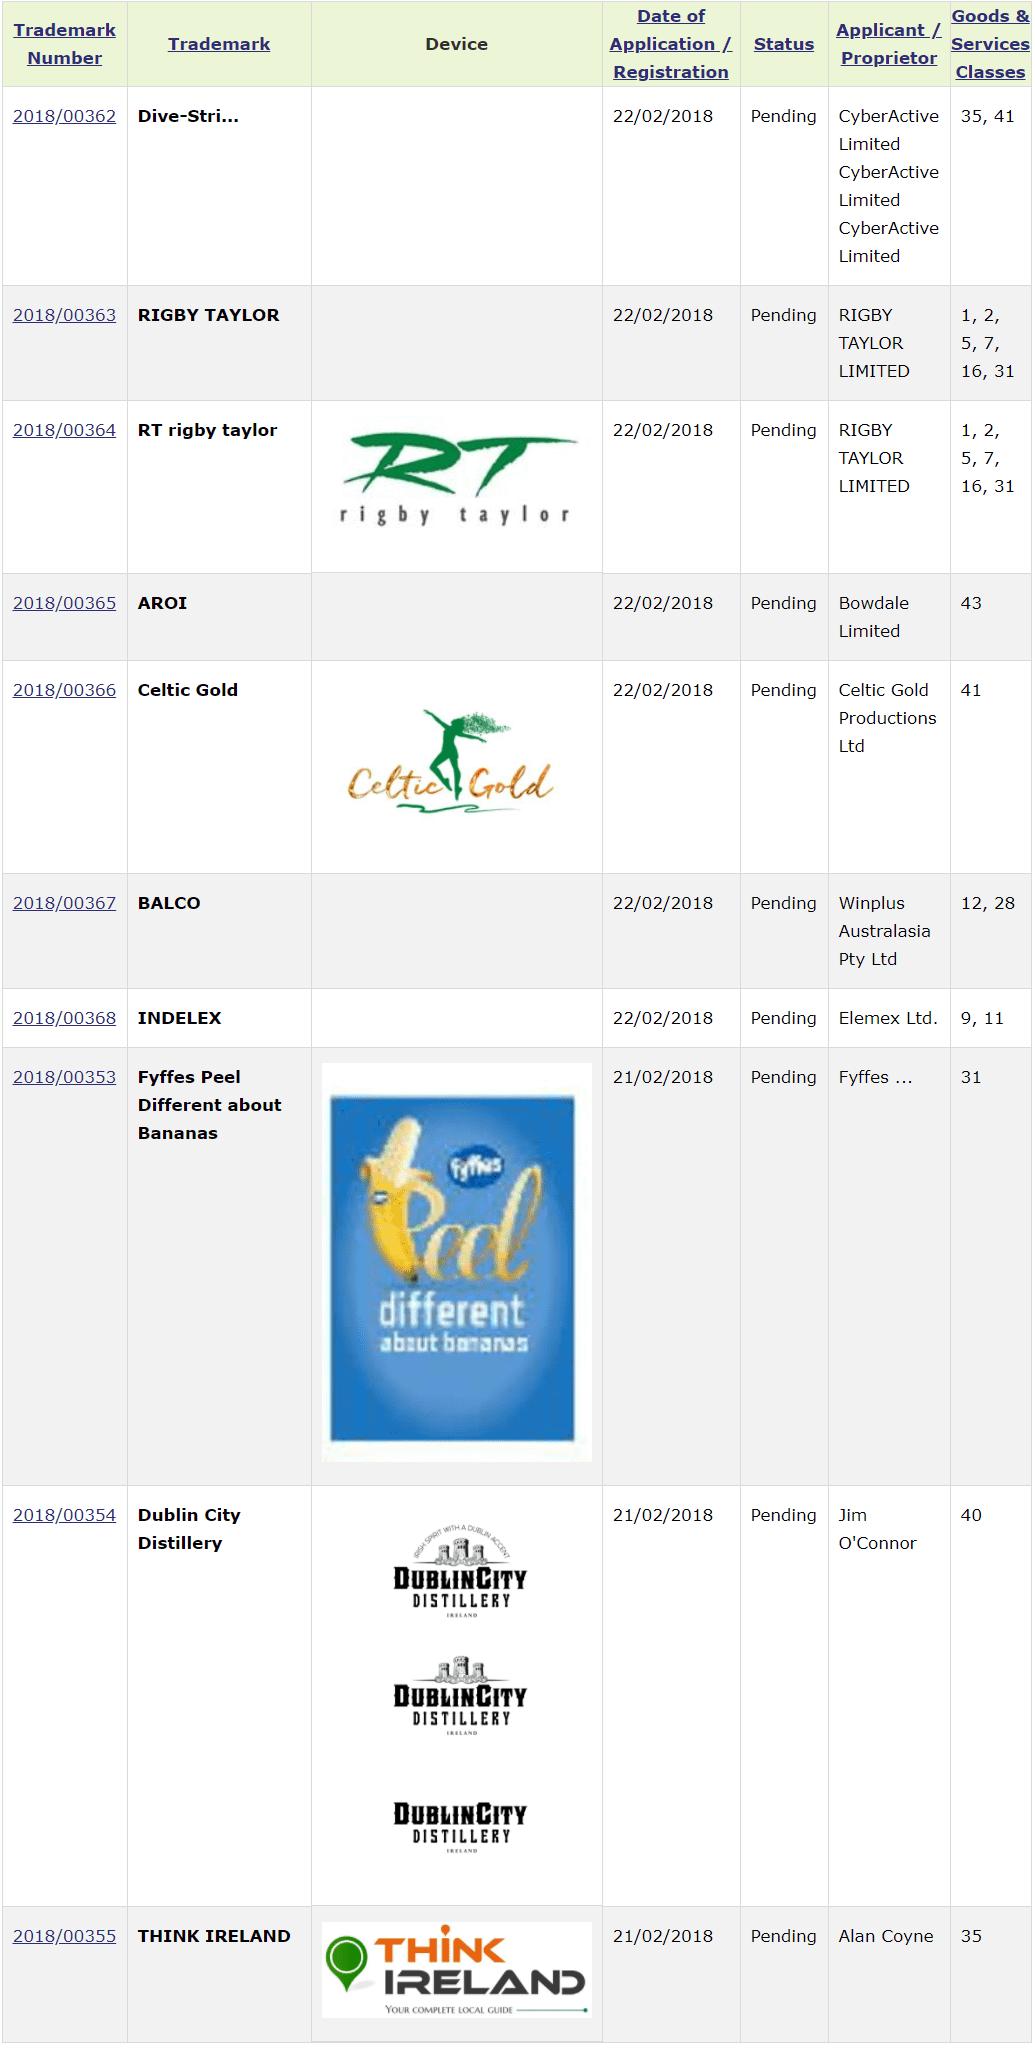 Trademark Ireland Trademark Applications for RigbyTaylor CelticGold DublinCityDistillery